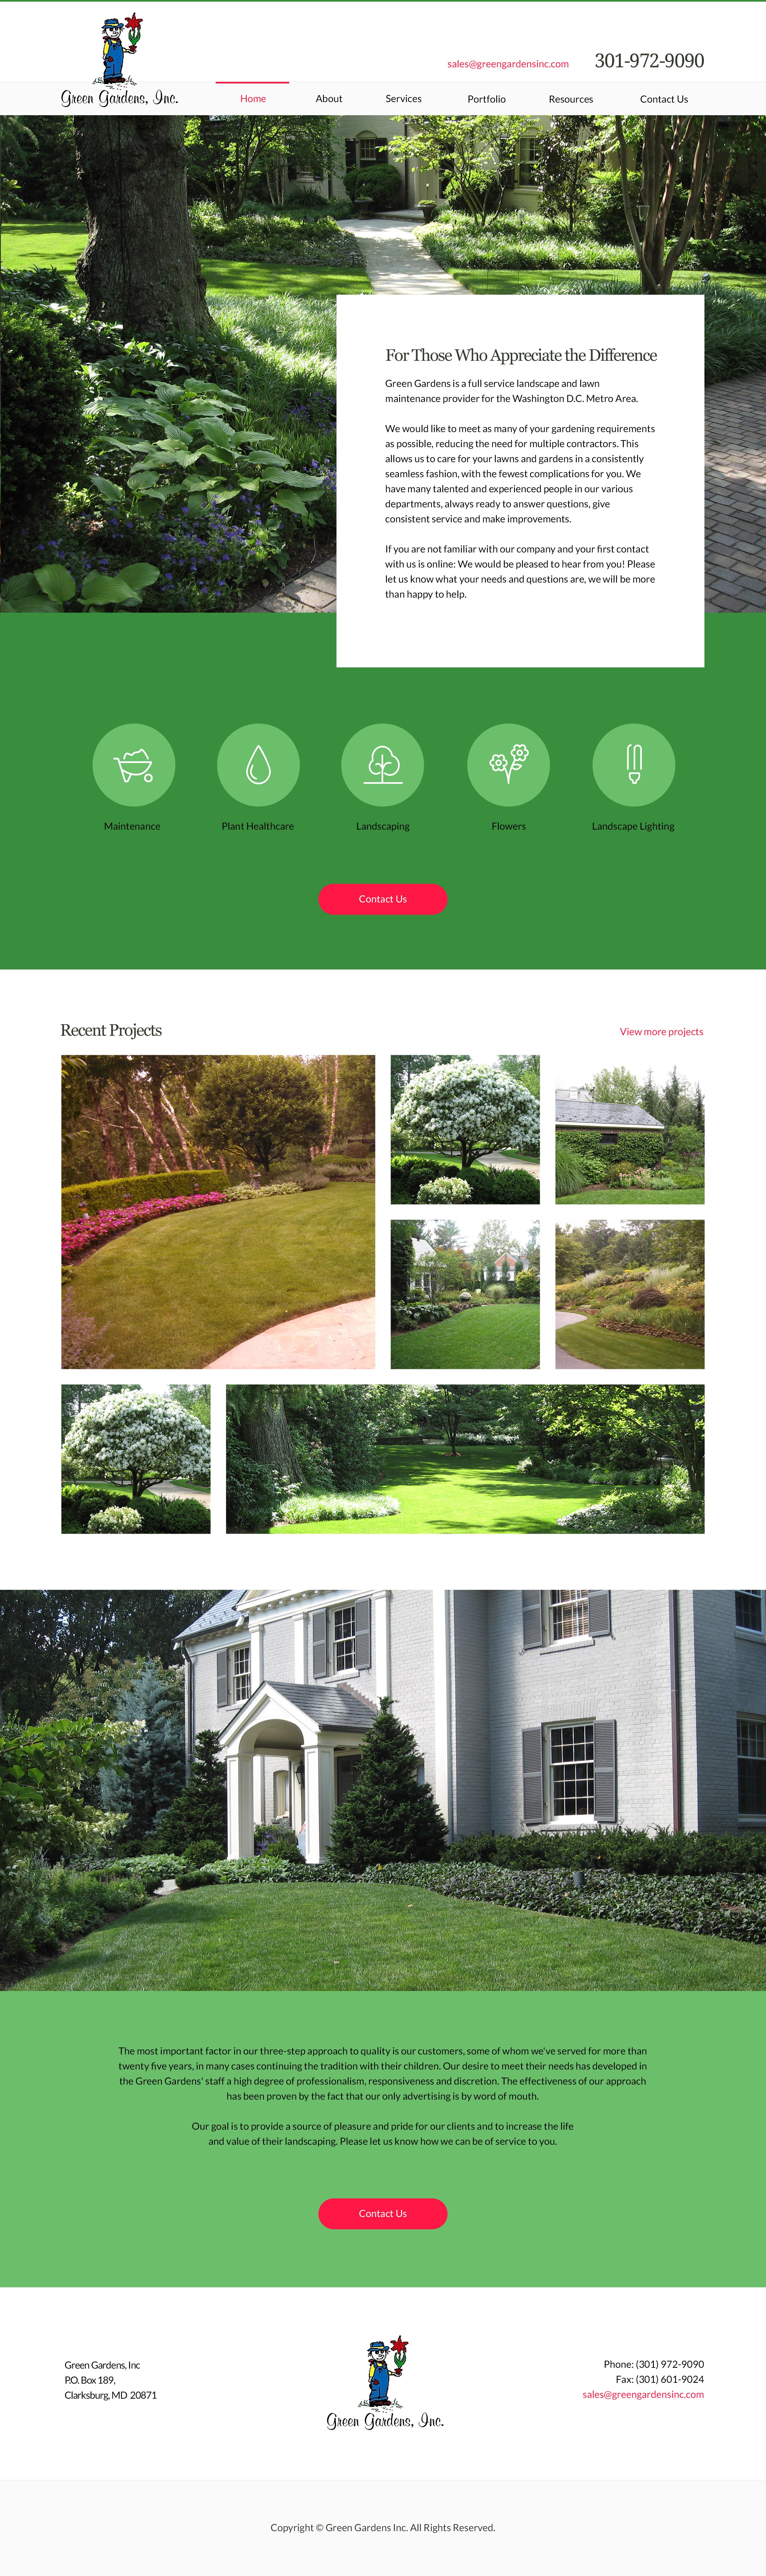 greengardensinc.com home page design